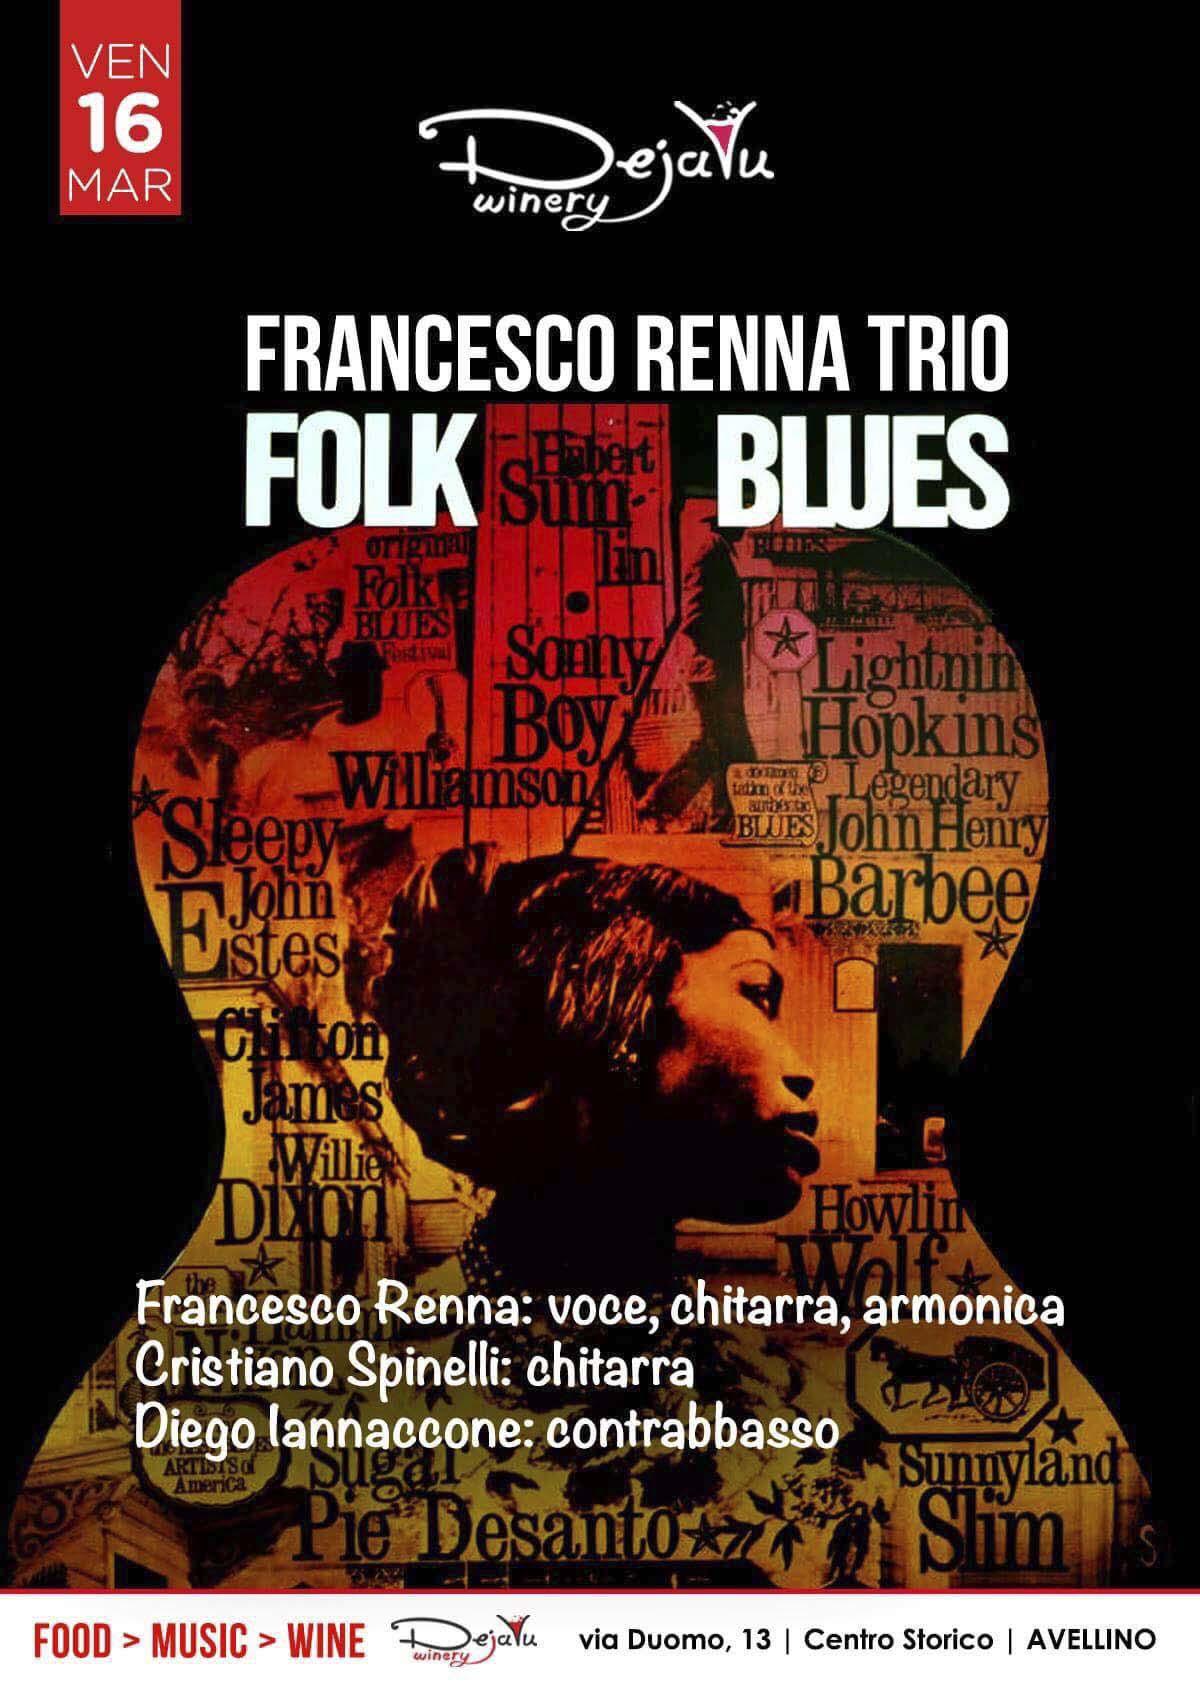 Francesco Renna Trio live al Dejavù, Avellino